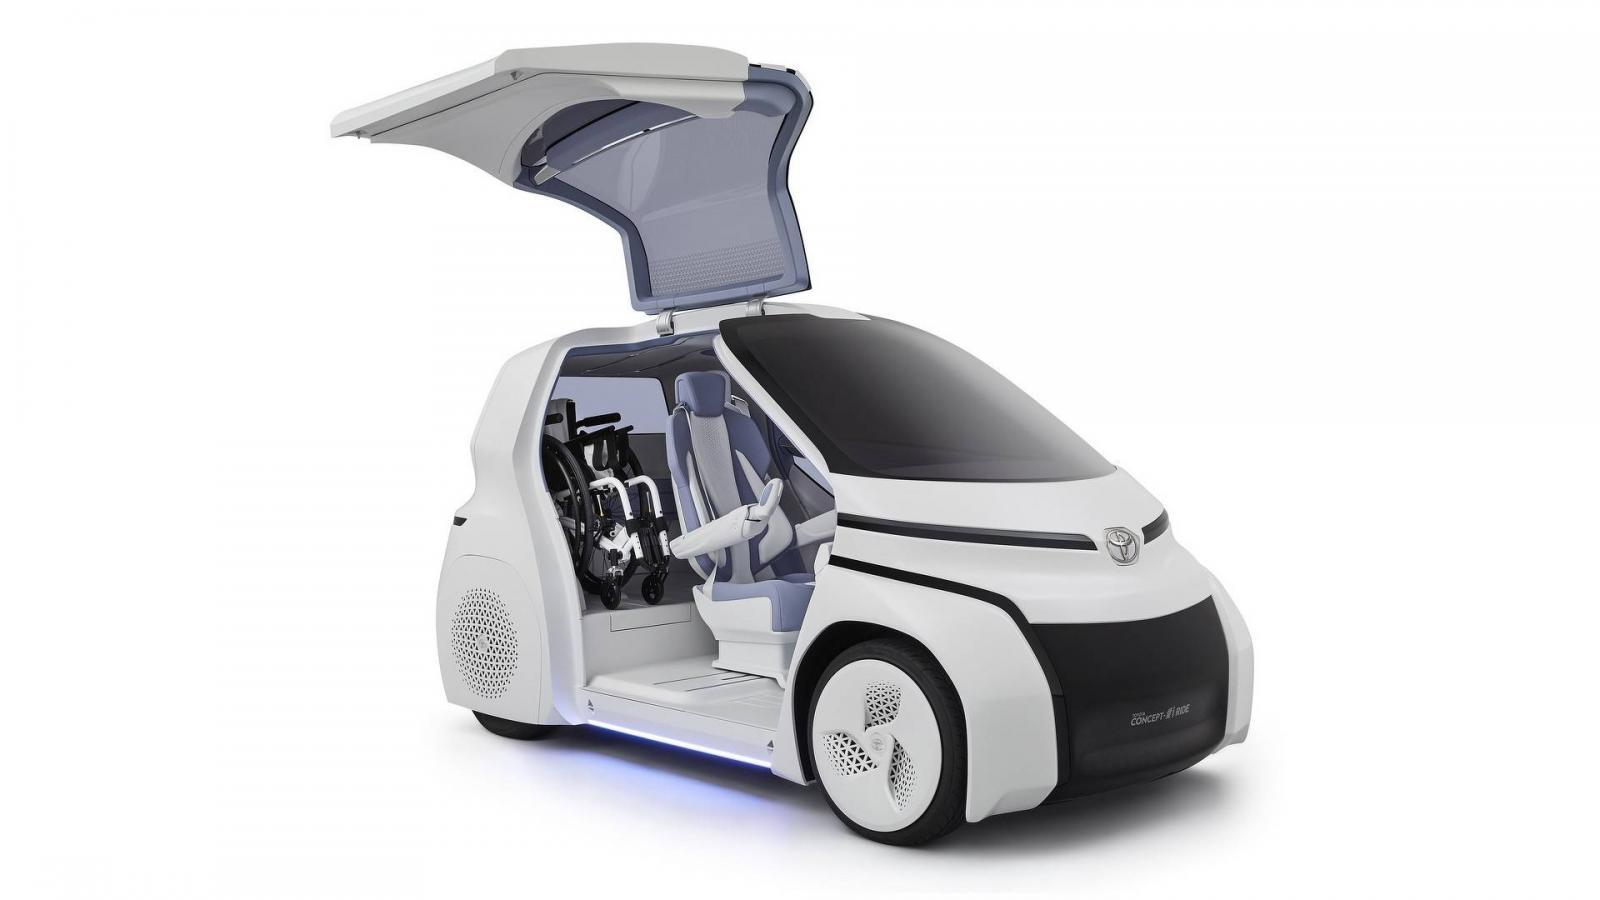 Toyota представила компактный электромобиль без руля